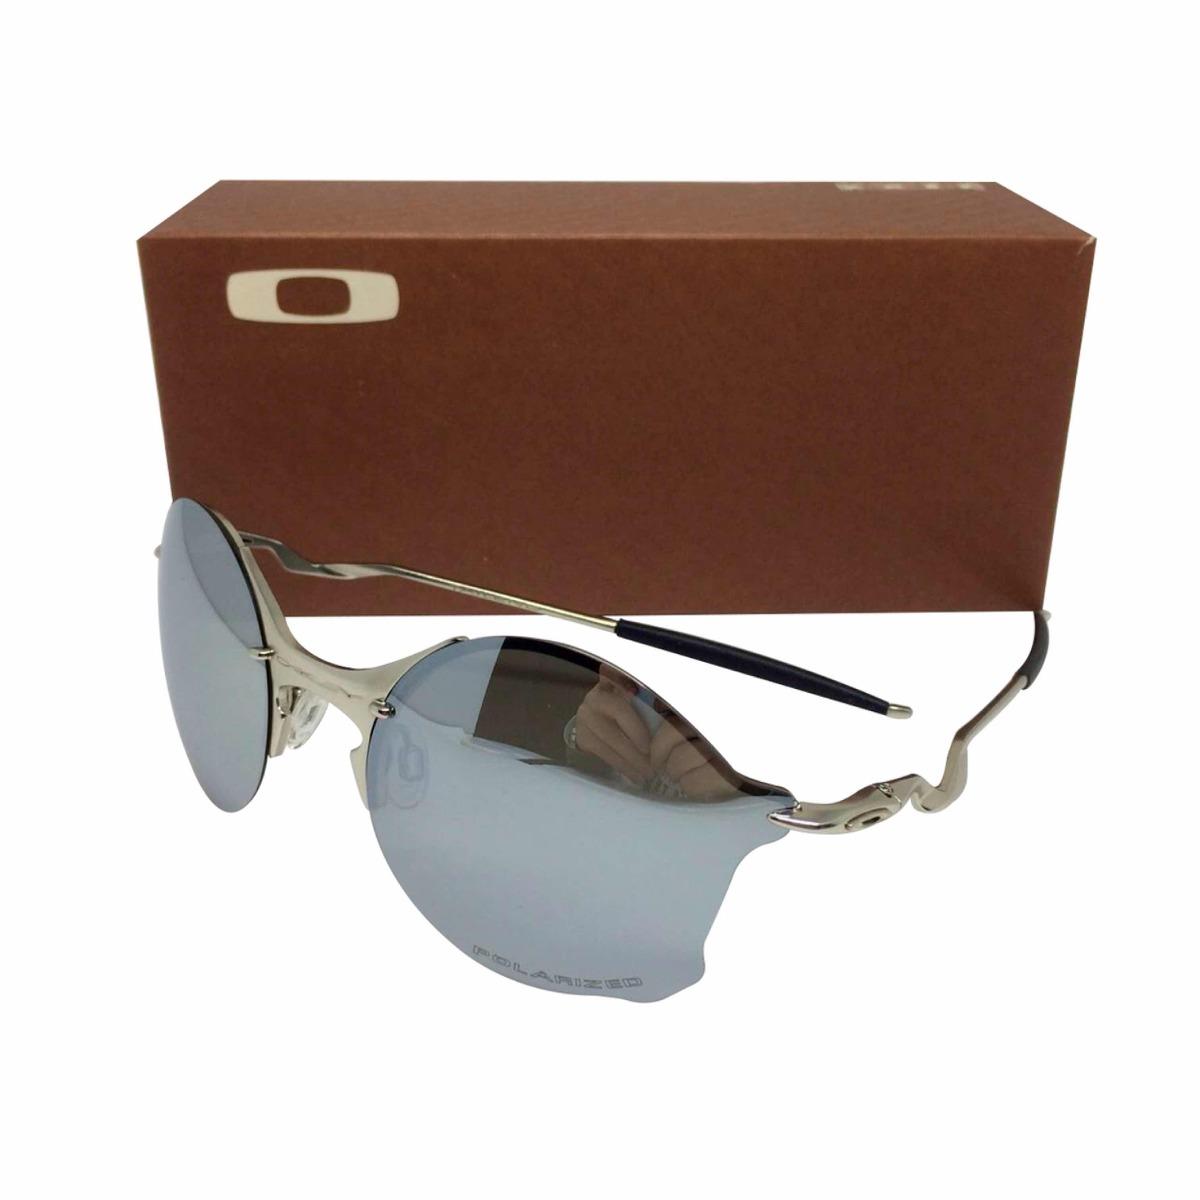 oculos oakley tailend armação prata lente polarizada prata. Carregando zoom. 6723ea7af2